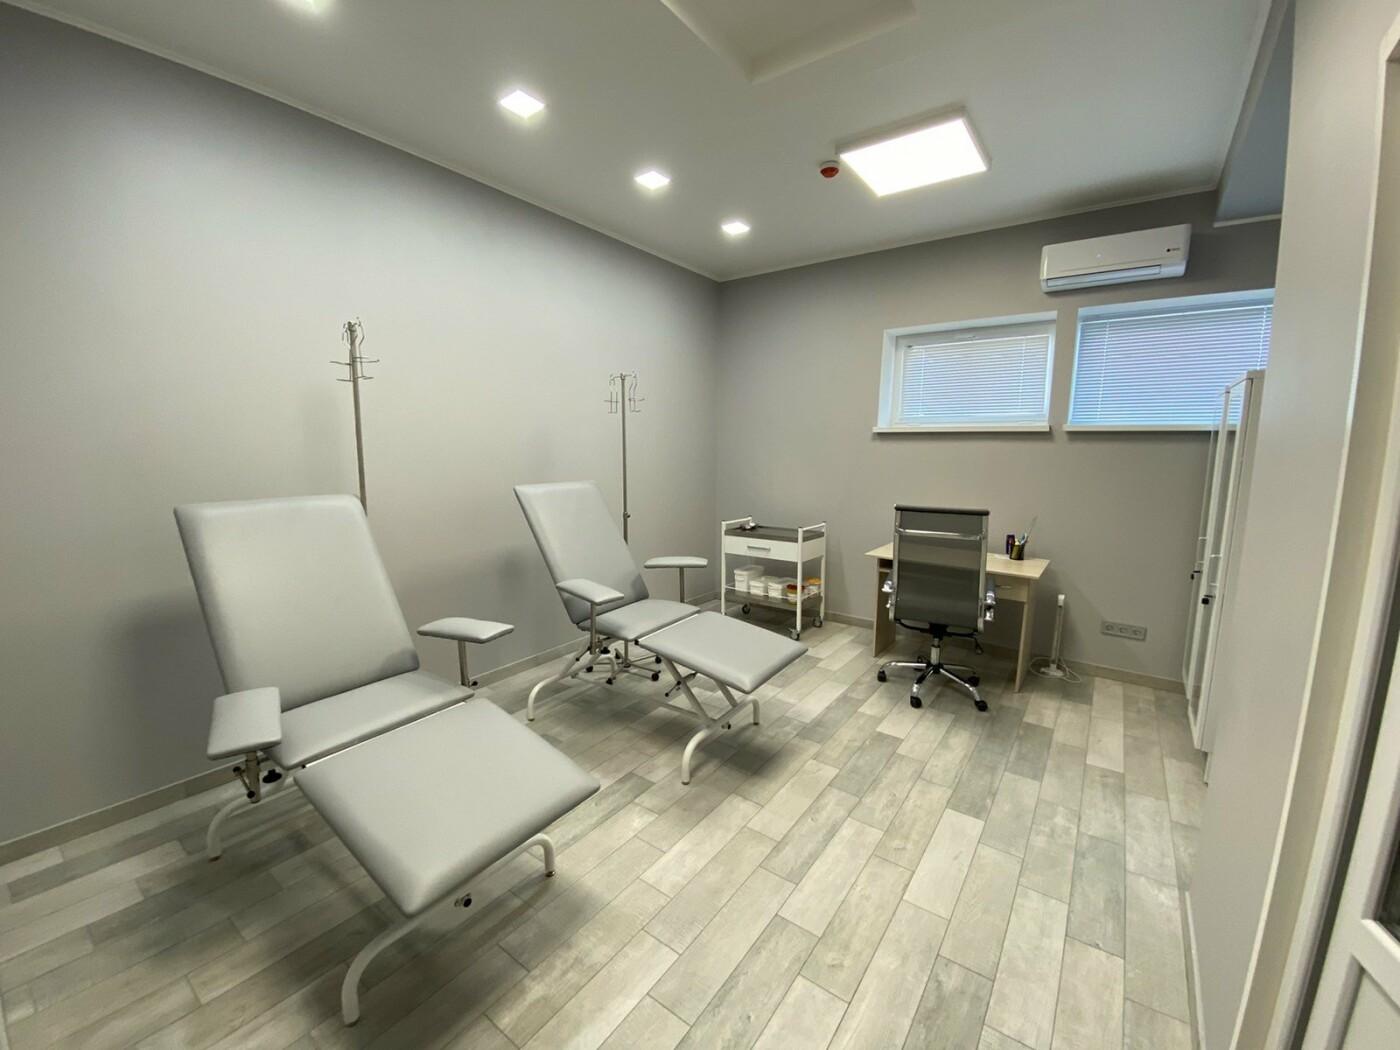 Частные клиники и медицинские центры в Запорожье, фото-67